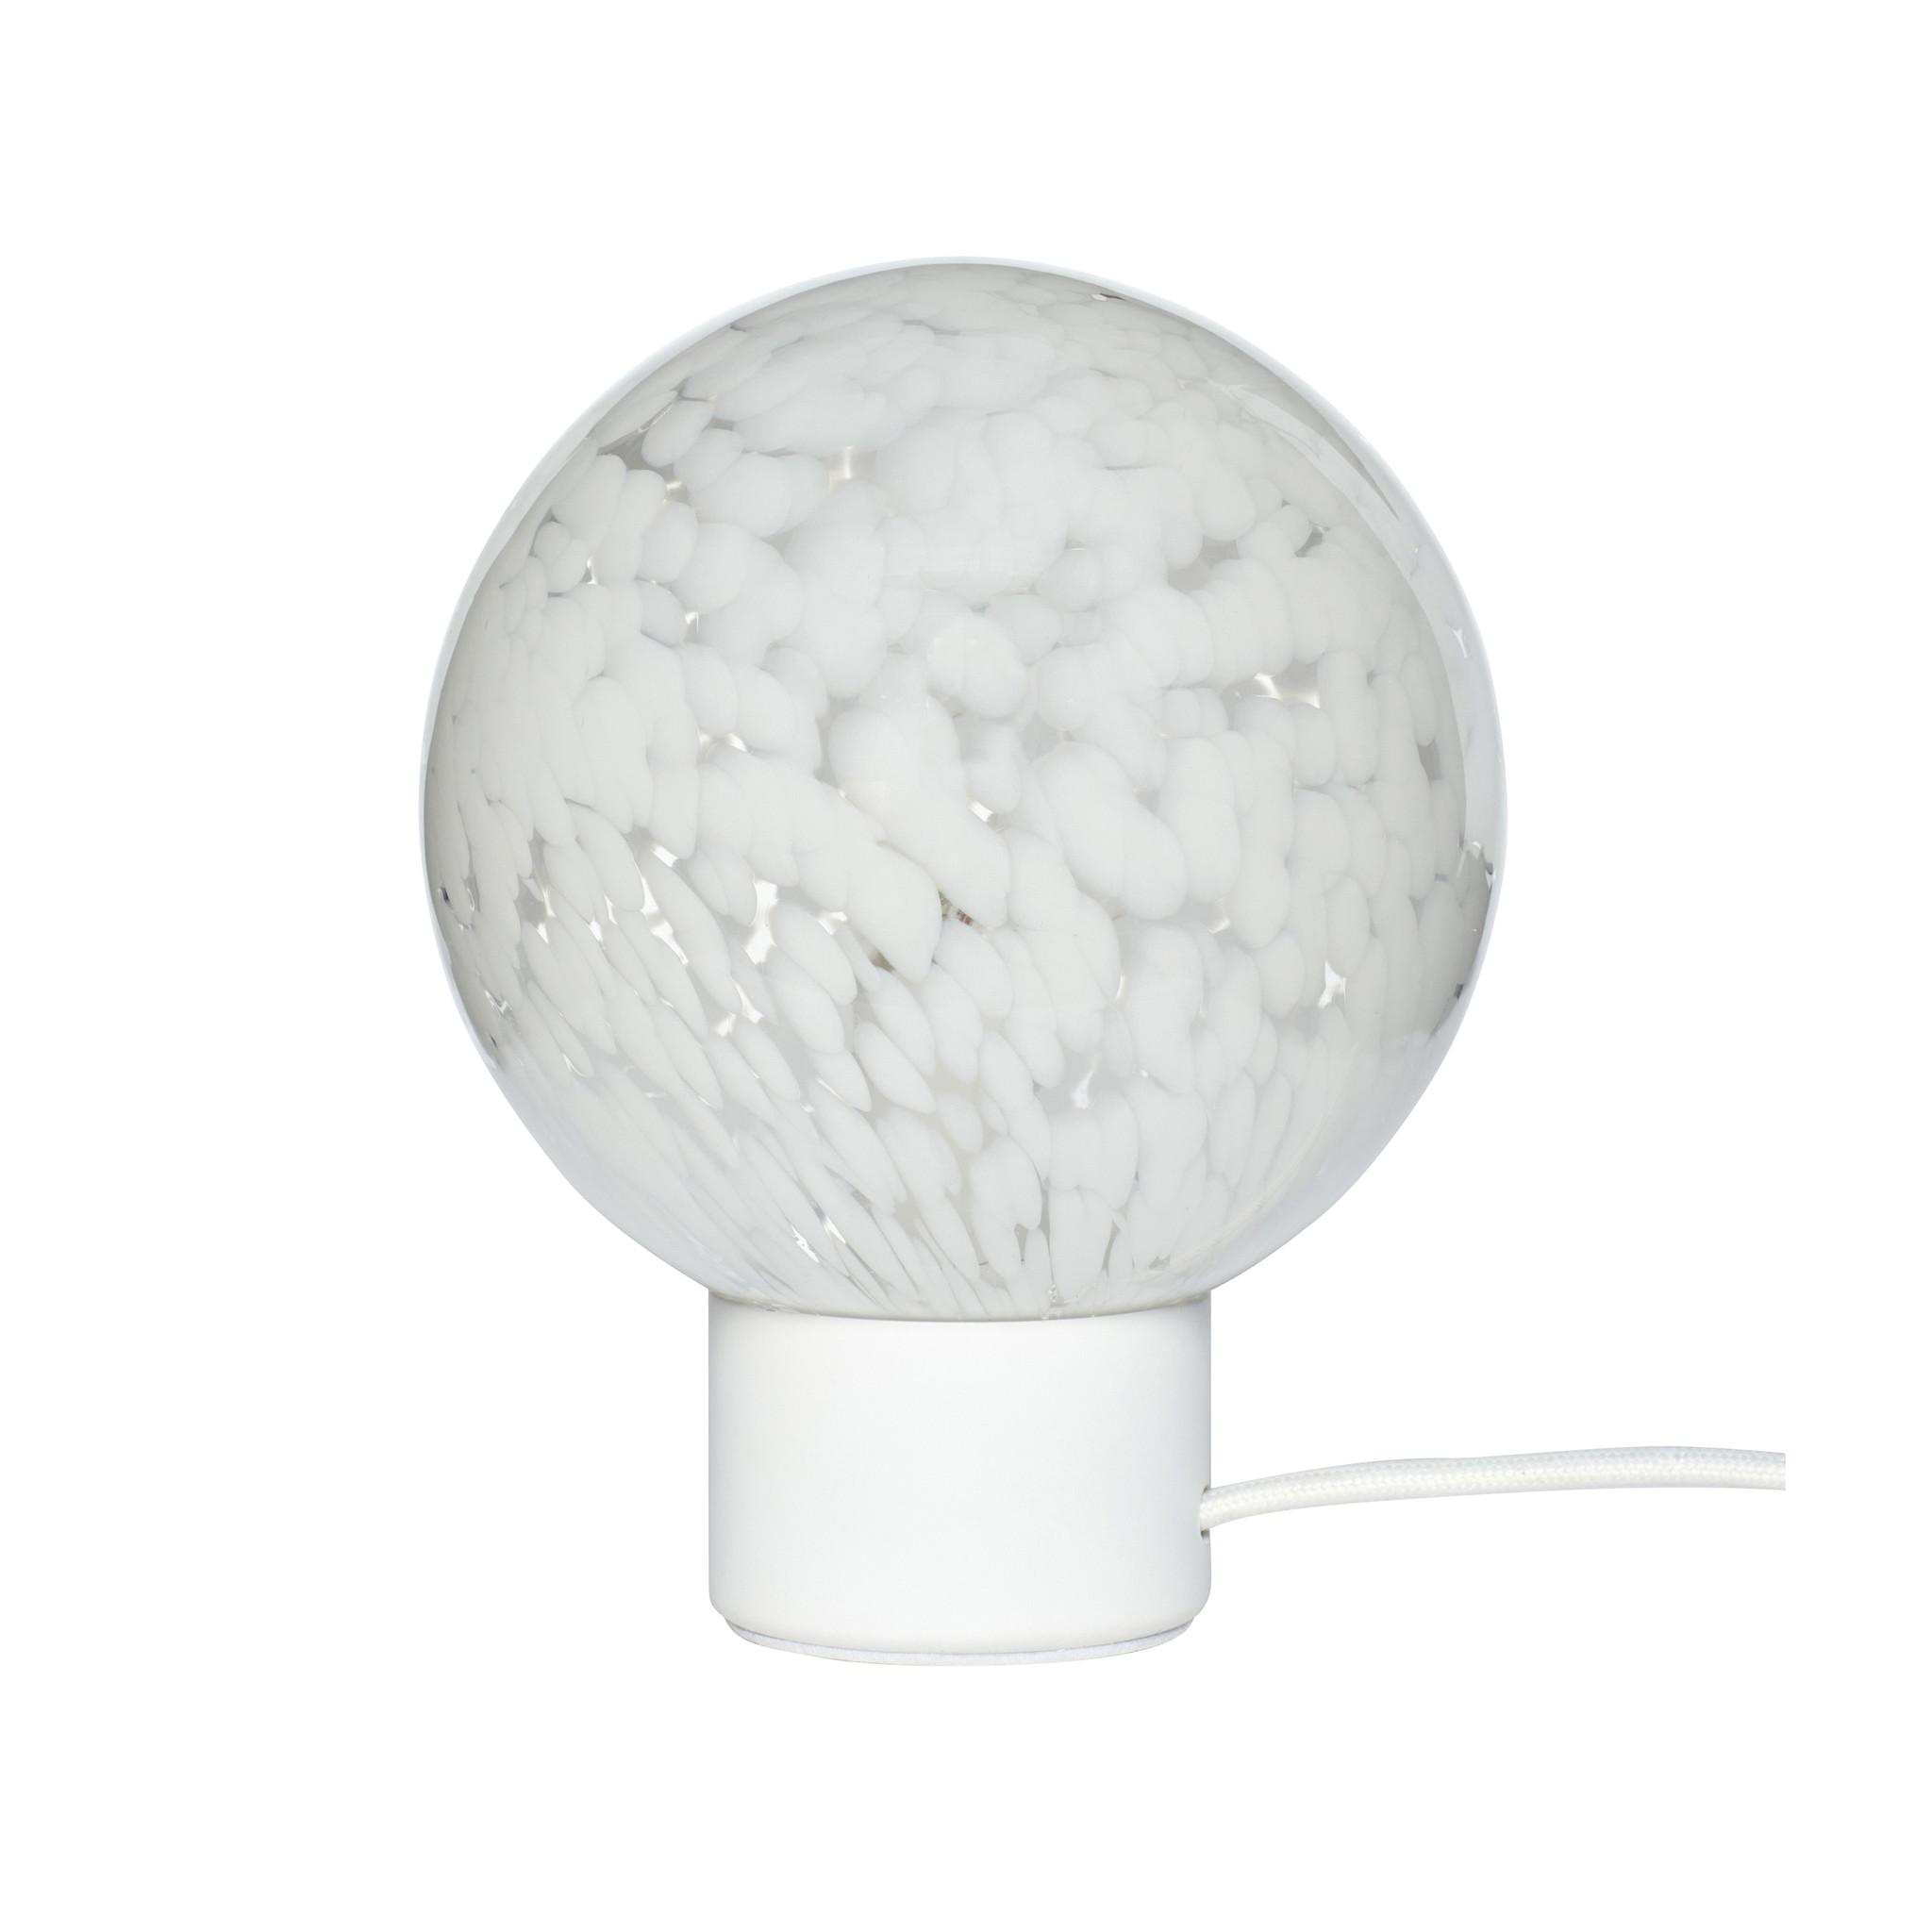 Hubsch Tafellamp glas, metaal, wit-991301-5712772111376